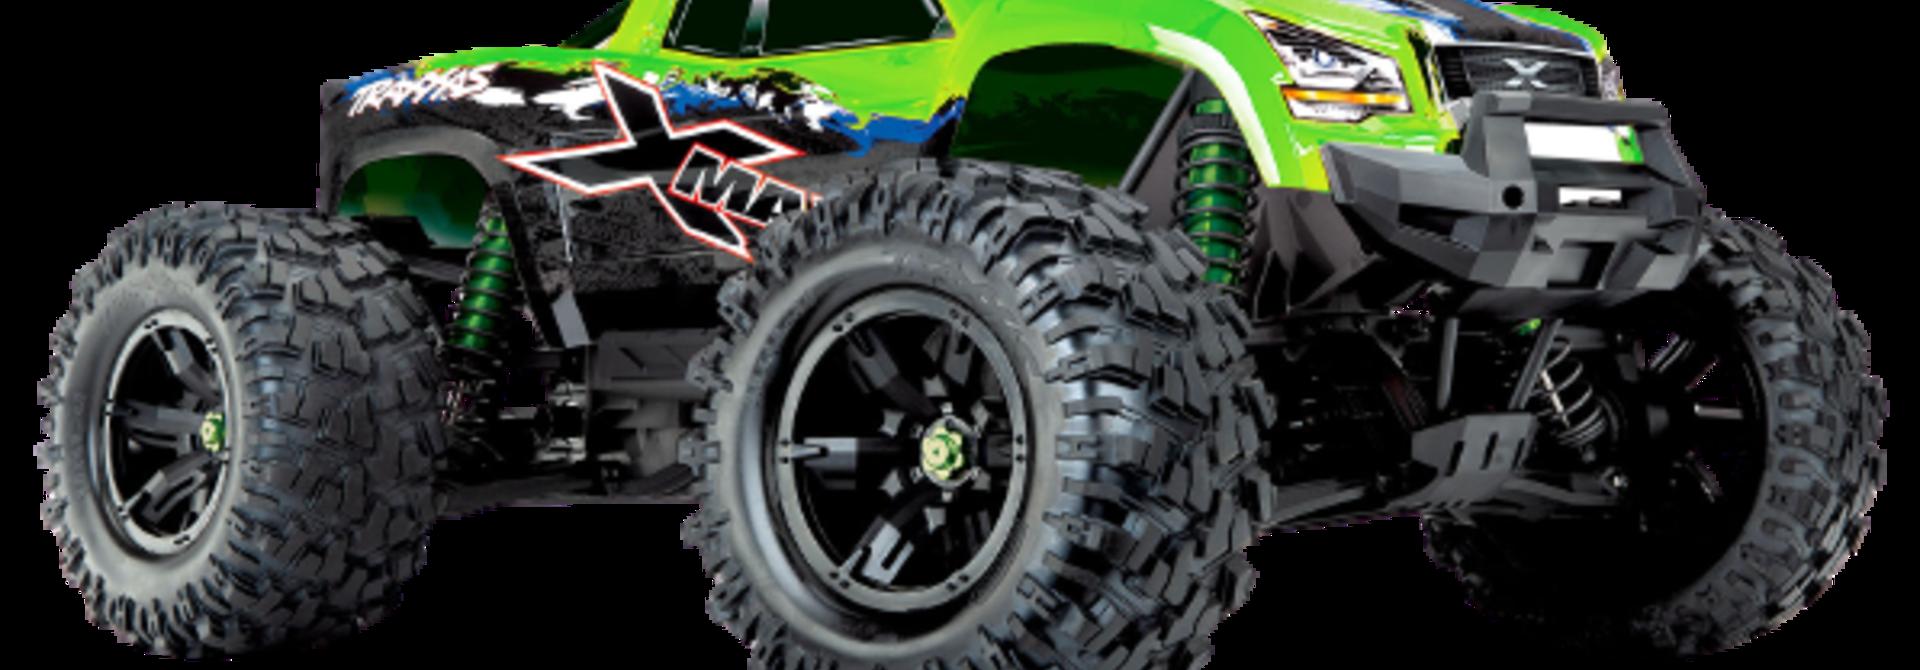 Traxxas X-Maxx 4WD VXL-8S Monstertruck TQi TSM (no battery/charger), Green V2 TRX77086-4GRNX